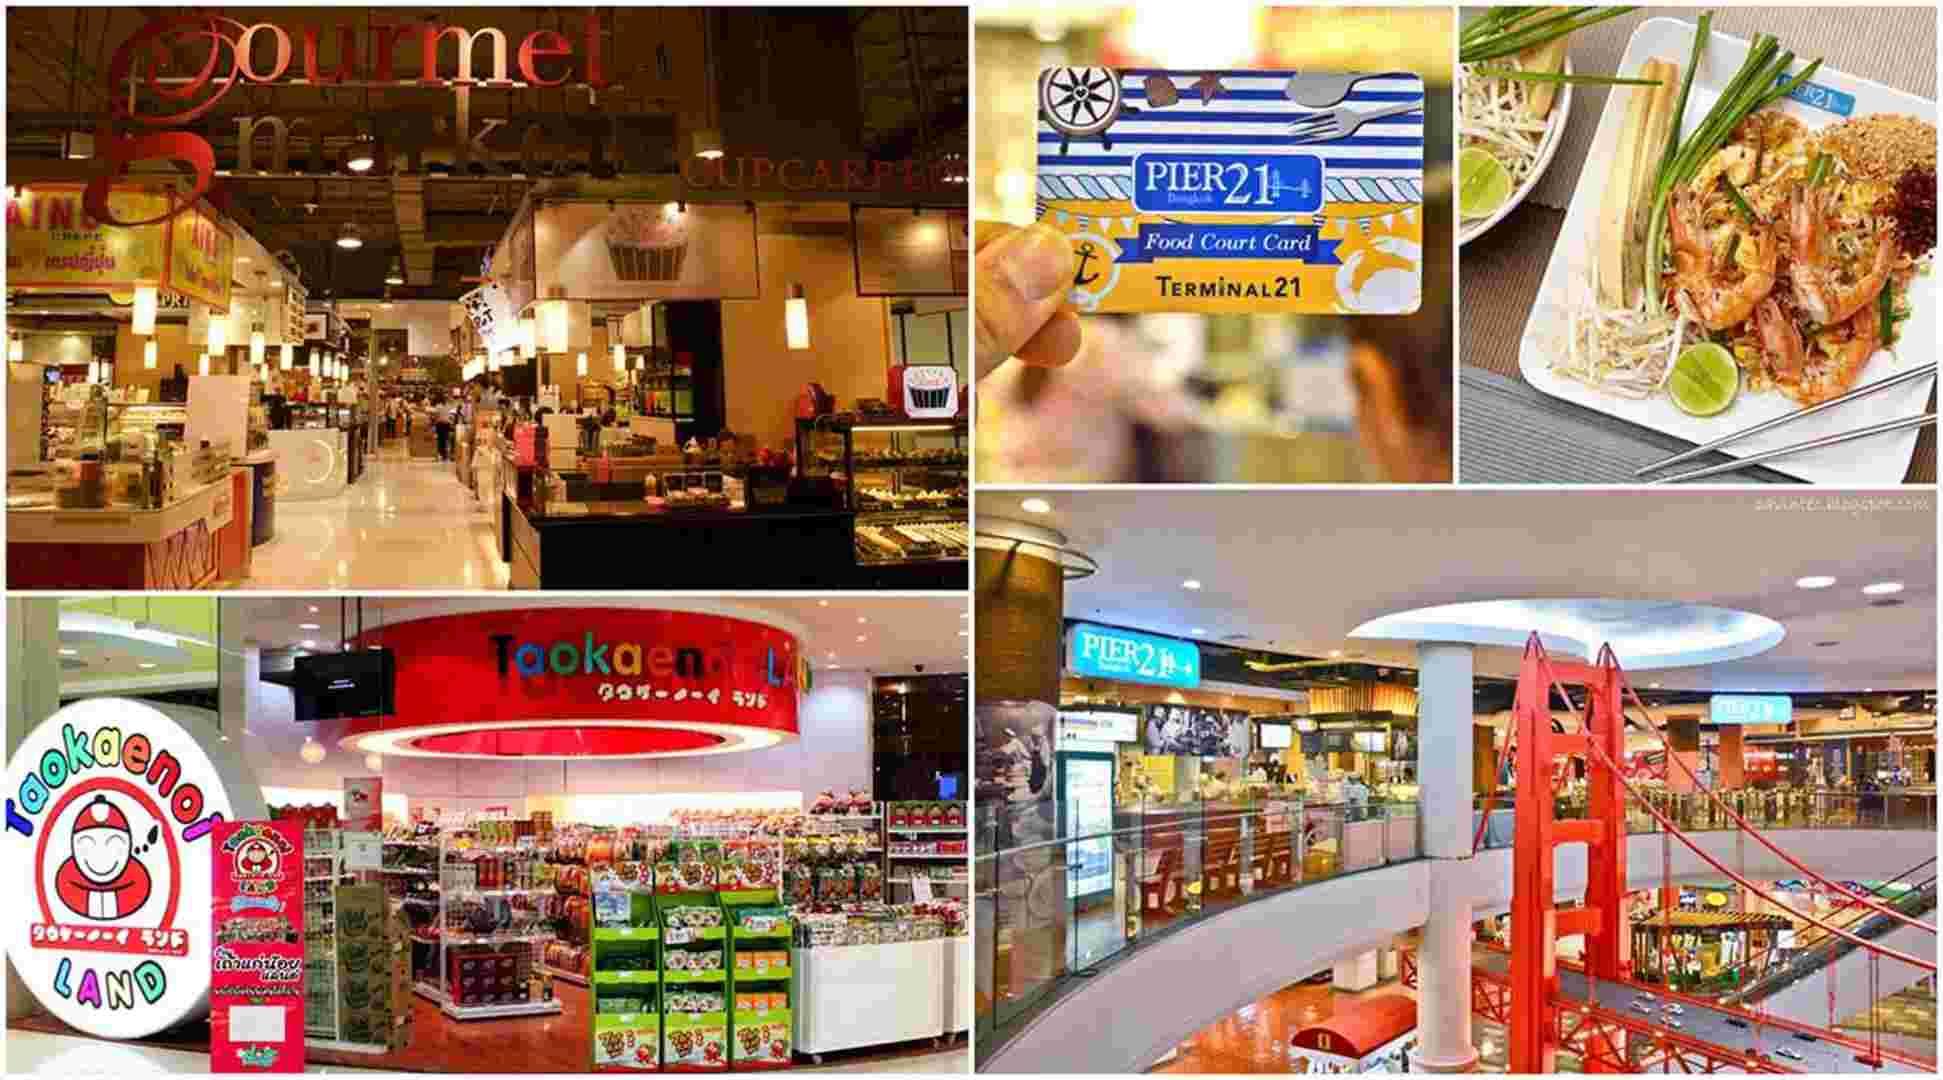 Gourmet Market - Terminal 21